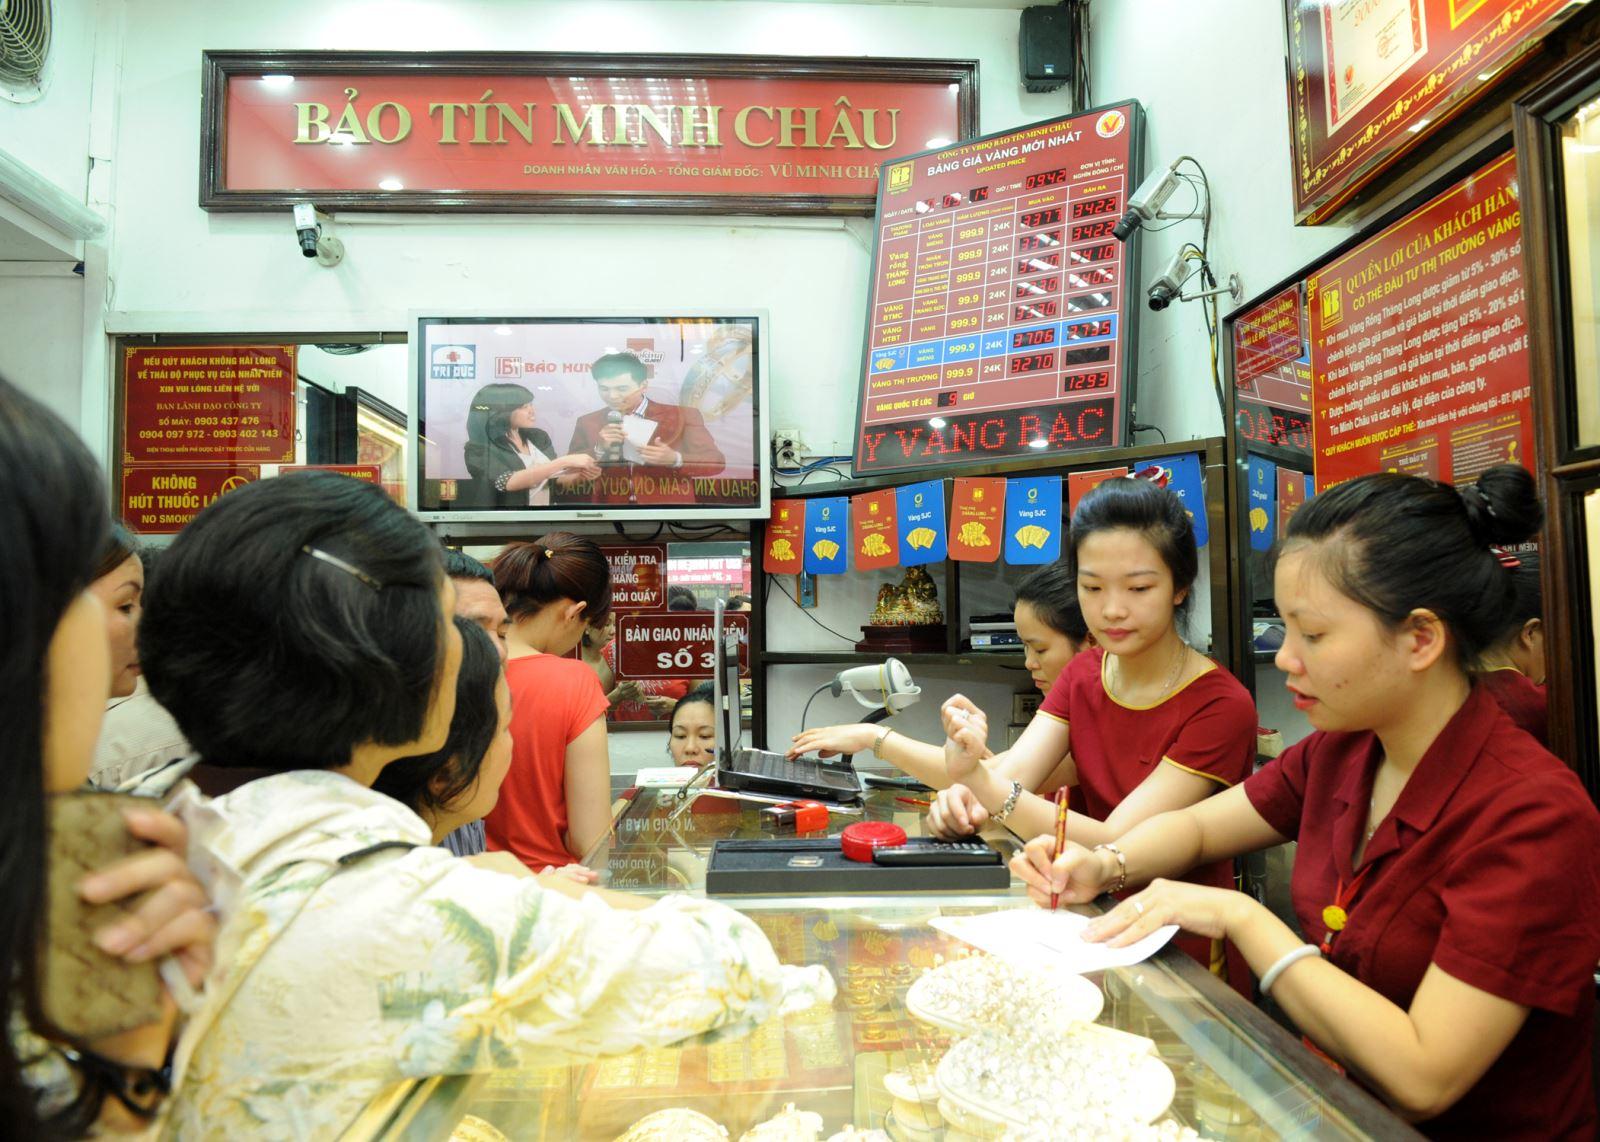 Giá vàng Bảo Tín Minh Châu ngày hôm nay| Gia vang BTMC hôm nay